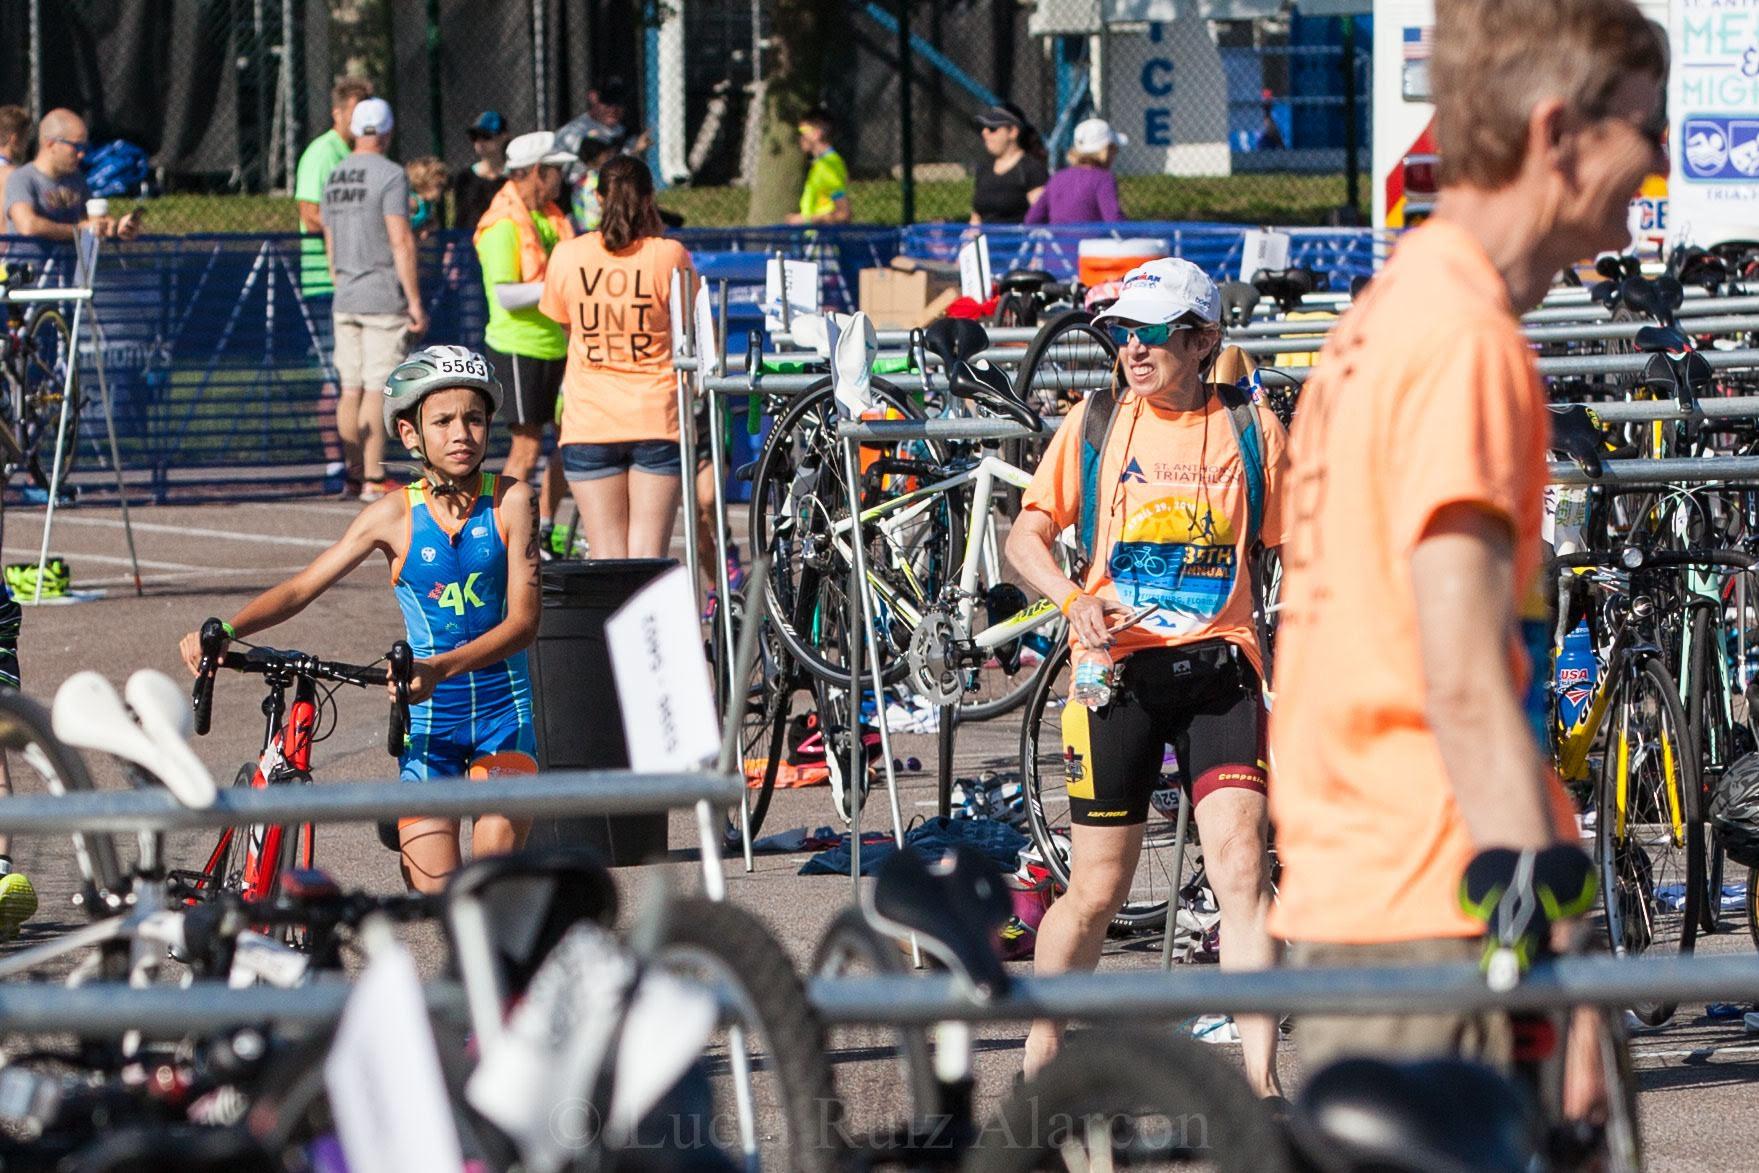 St. Anthony's Meek&Mighty triathlon-42.jpg